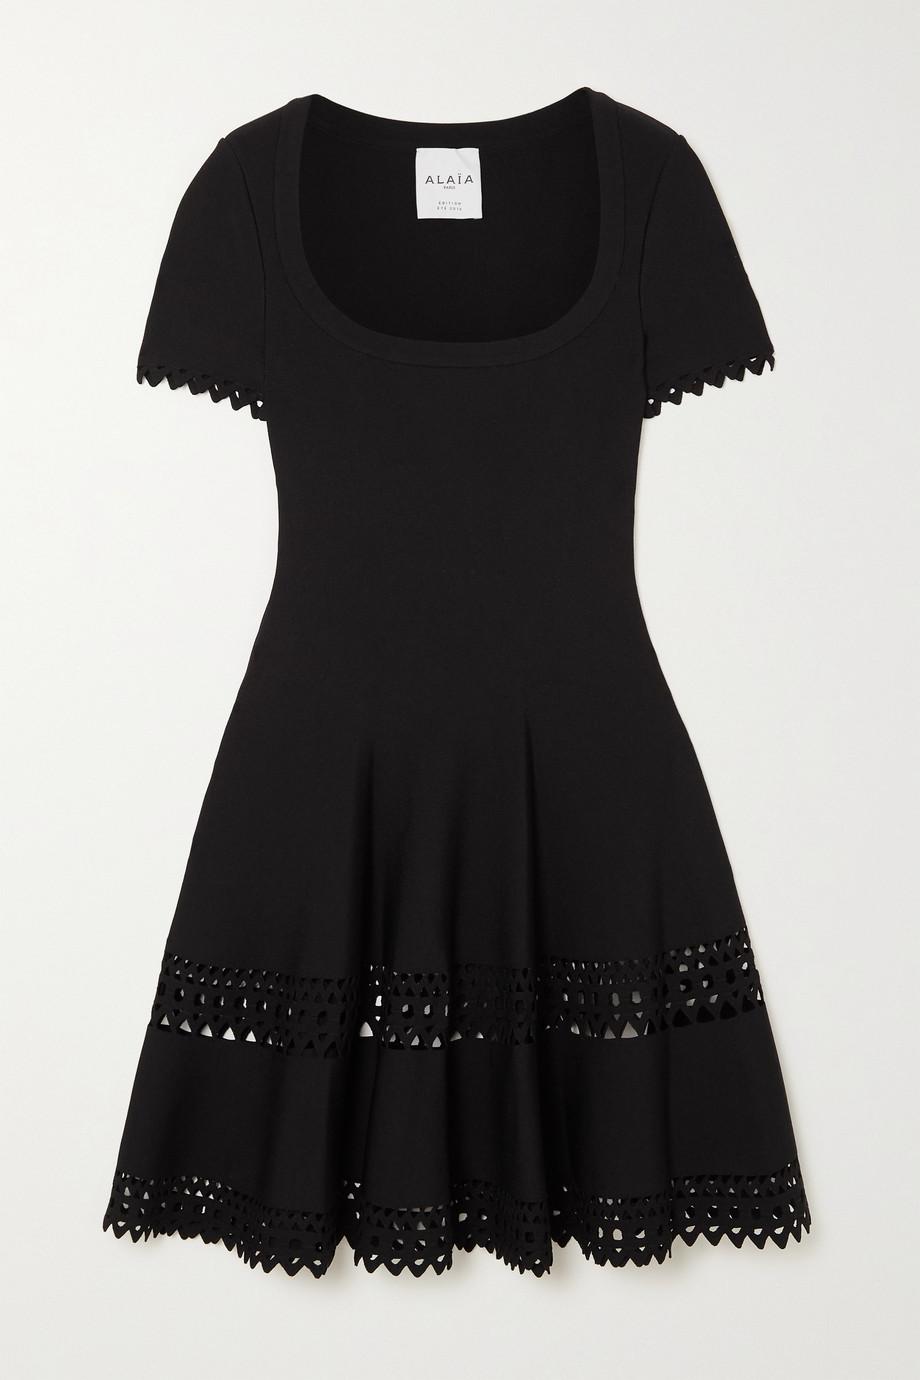 Alaïa Mini-robe en mailles stretch découpée au laser Editions